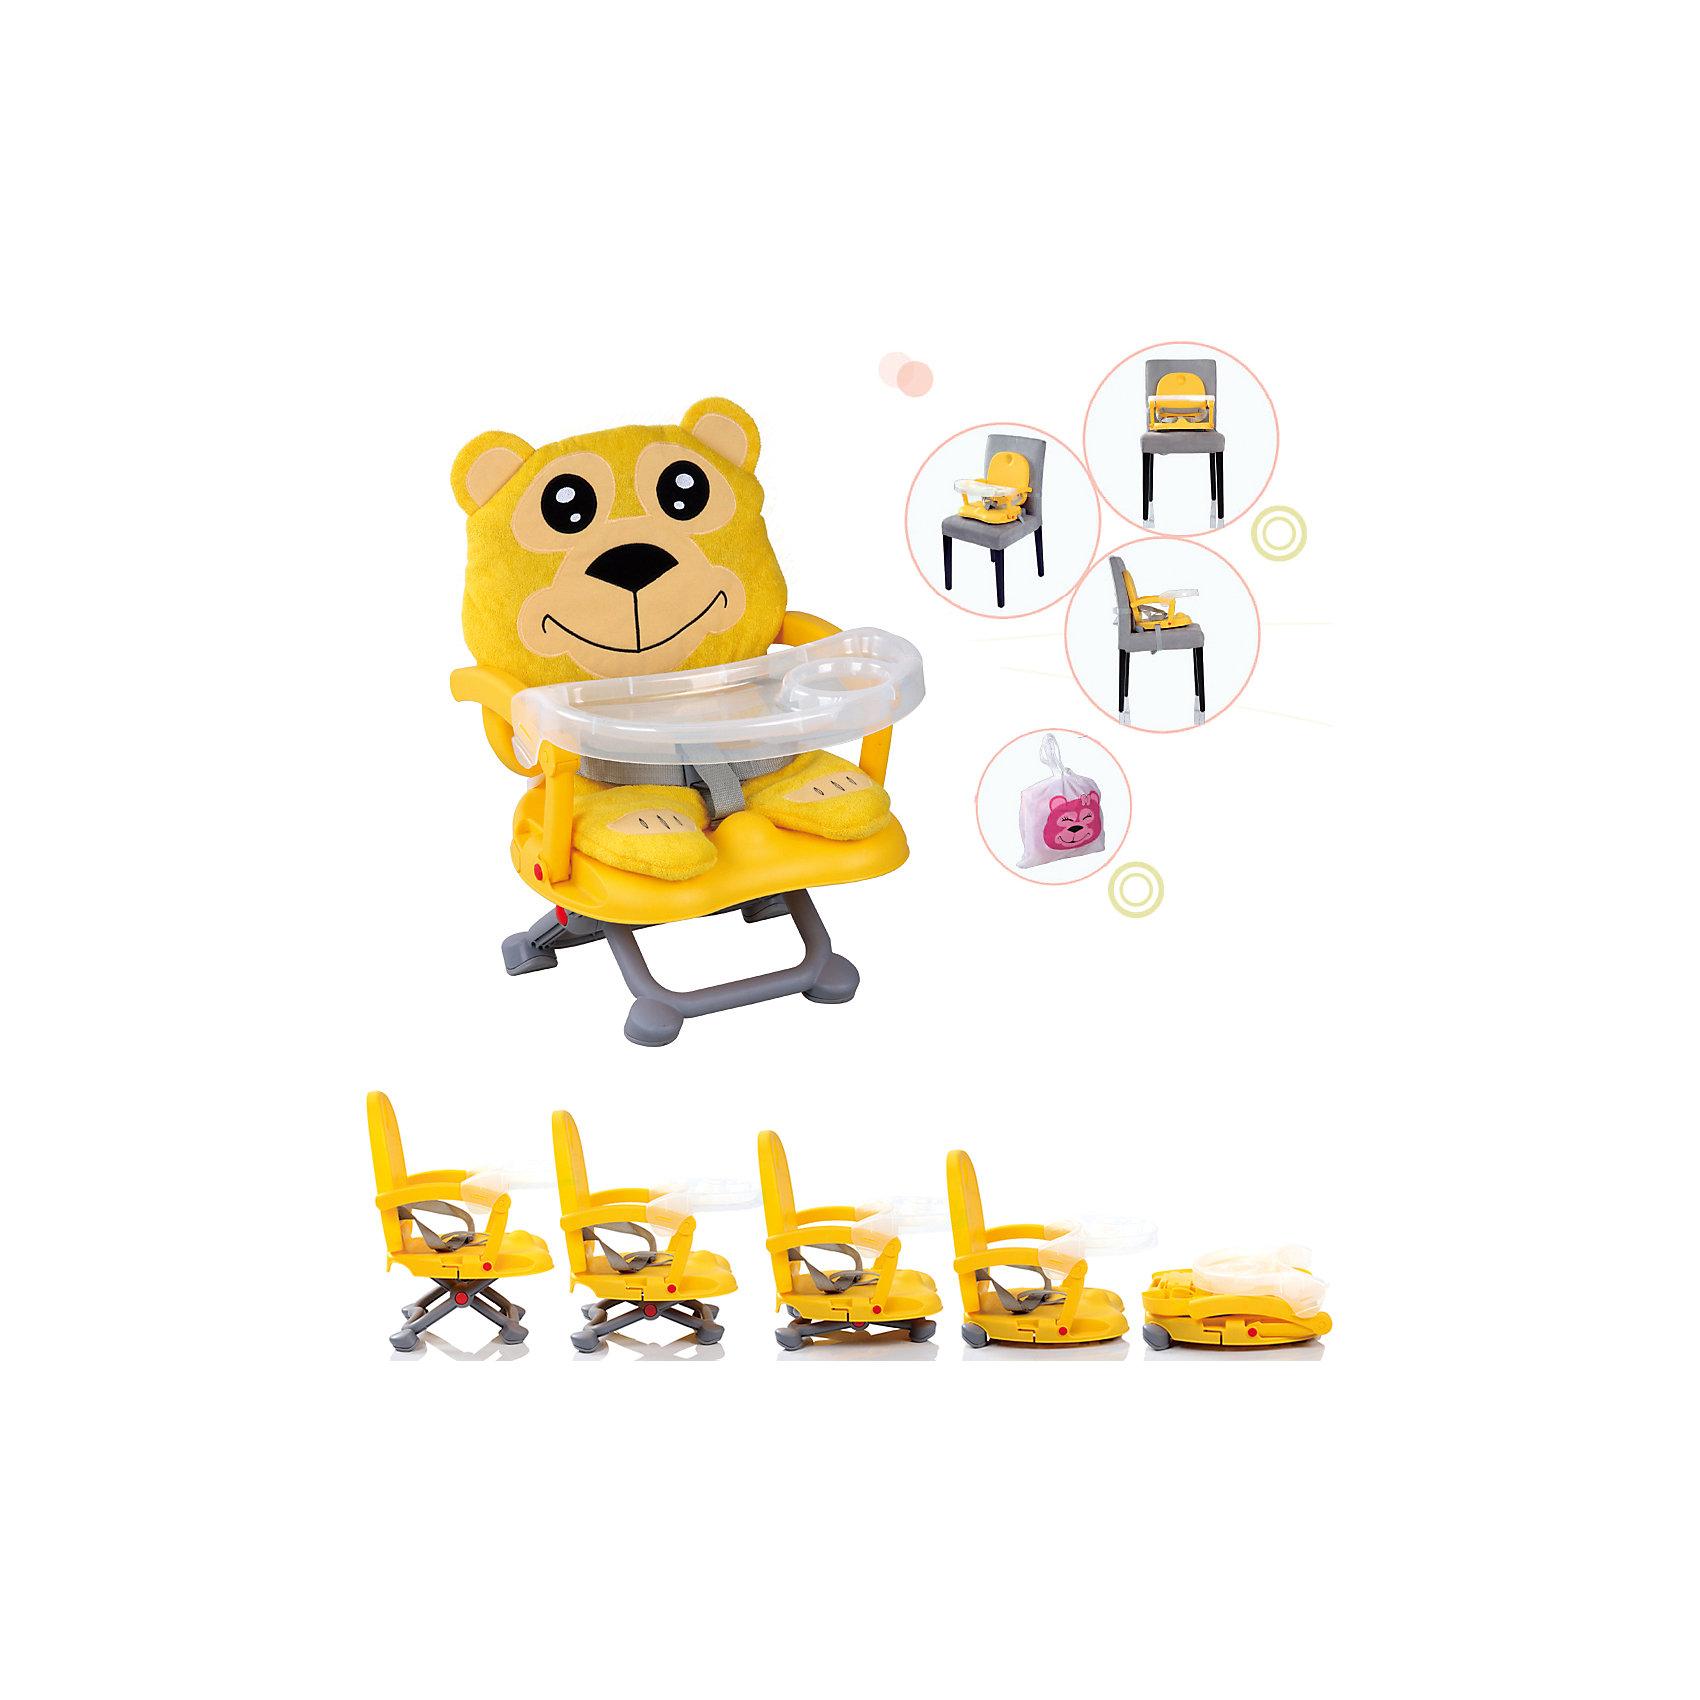 Стульчик для кормления H-1 Babies, BellyСтульчик для кормления H-1 Babies, Belly - легкая, простая и компактная модель для комфортного кормления малыша дома и в путешествии.<br>Компактный яркий стульчик для кормления H-1 Belly от Babies (Бэйбис) идеален как для домашнего использования, так и для поездок. Он легко и быстро складывается, не занимает много места при хранении и перевозке. Стульчик выполнен в ярко-желтом цвете и понравится и мальчикам, и девочкам. Мягкий чехол изготовлен в виде медведя. Предусмотрена удобная съемная столешница с бортиками и подстаканником. Нескользящие ножки устойчивы на поверхности. Стульчик можно использовать как самостоятельный предмет мебели или как бустер, сложив ножки опоры и прикрепив к обычному стулу с помощью специальных ремней, входящих в комплект.<br><br>Дополнительная информация:<br><br>- Возраст детей: от полугода до 3 лет<br>- Максимальная нагрузка: 15 кг.<br>- Компактный, легкий<br>- Красивый дизайн<br>- Устойчивая конструкция<br>- Удобные ножки, регулируются по высоте в 3 положениях<br>- Просторное сиденье<br>- Оснащен съемным чехлом, который можно стирать<br>- Трехточечный ремень безопасности<br>- Предусмотрен мешок для транспортировки<br>- Цвет: ярко-желтый<br>- Материал: качественный пластик, текстиль<br>- Вес: 2 кг.<br>- Размер стульчика: 36 х 38 х 50 см.<br><br>Стульчик для кормления H-1 Babies, Belly можно купить в нашем интернет-магазине.<br><br>Ширина мм: 375<br>Глубина мм: 345<br>Высота мм: 770<br>Вес г: 1600<br>Возраст от месяцев: 6<br>Возраст до месяцев: 36<br>Пол: Унисекс<br>Возраст: Детский<br>SKU: 4811278